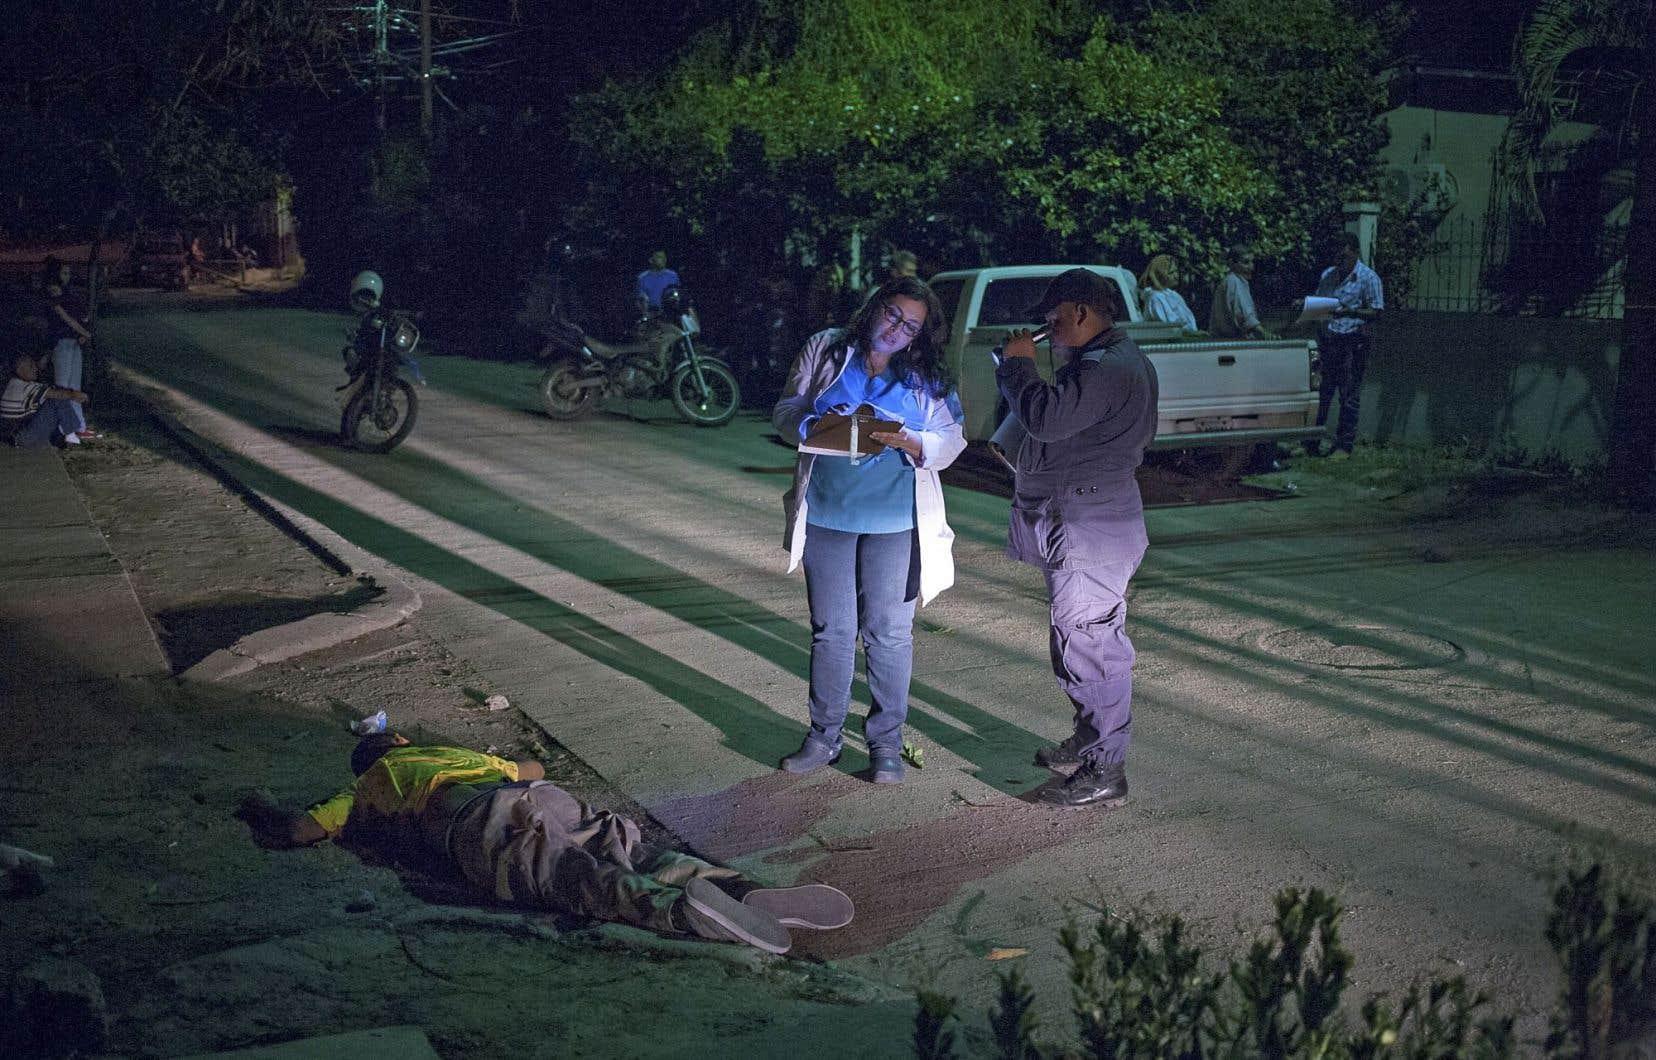 Au Honduras, les taux d'homicides sont de dix à vingt fois plus élevés que la moyenne mondiale.